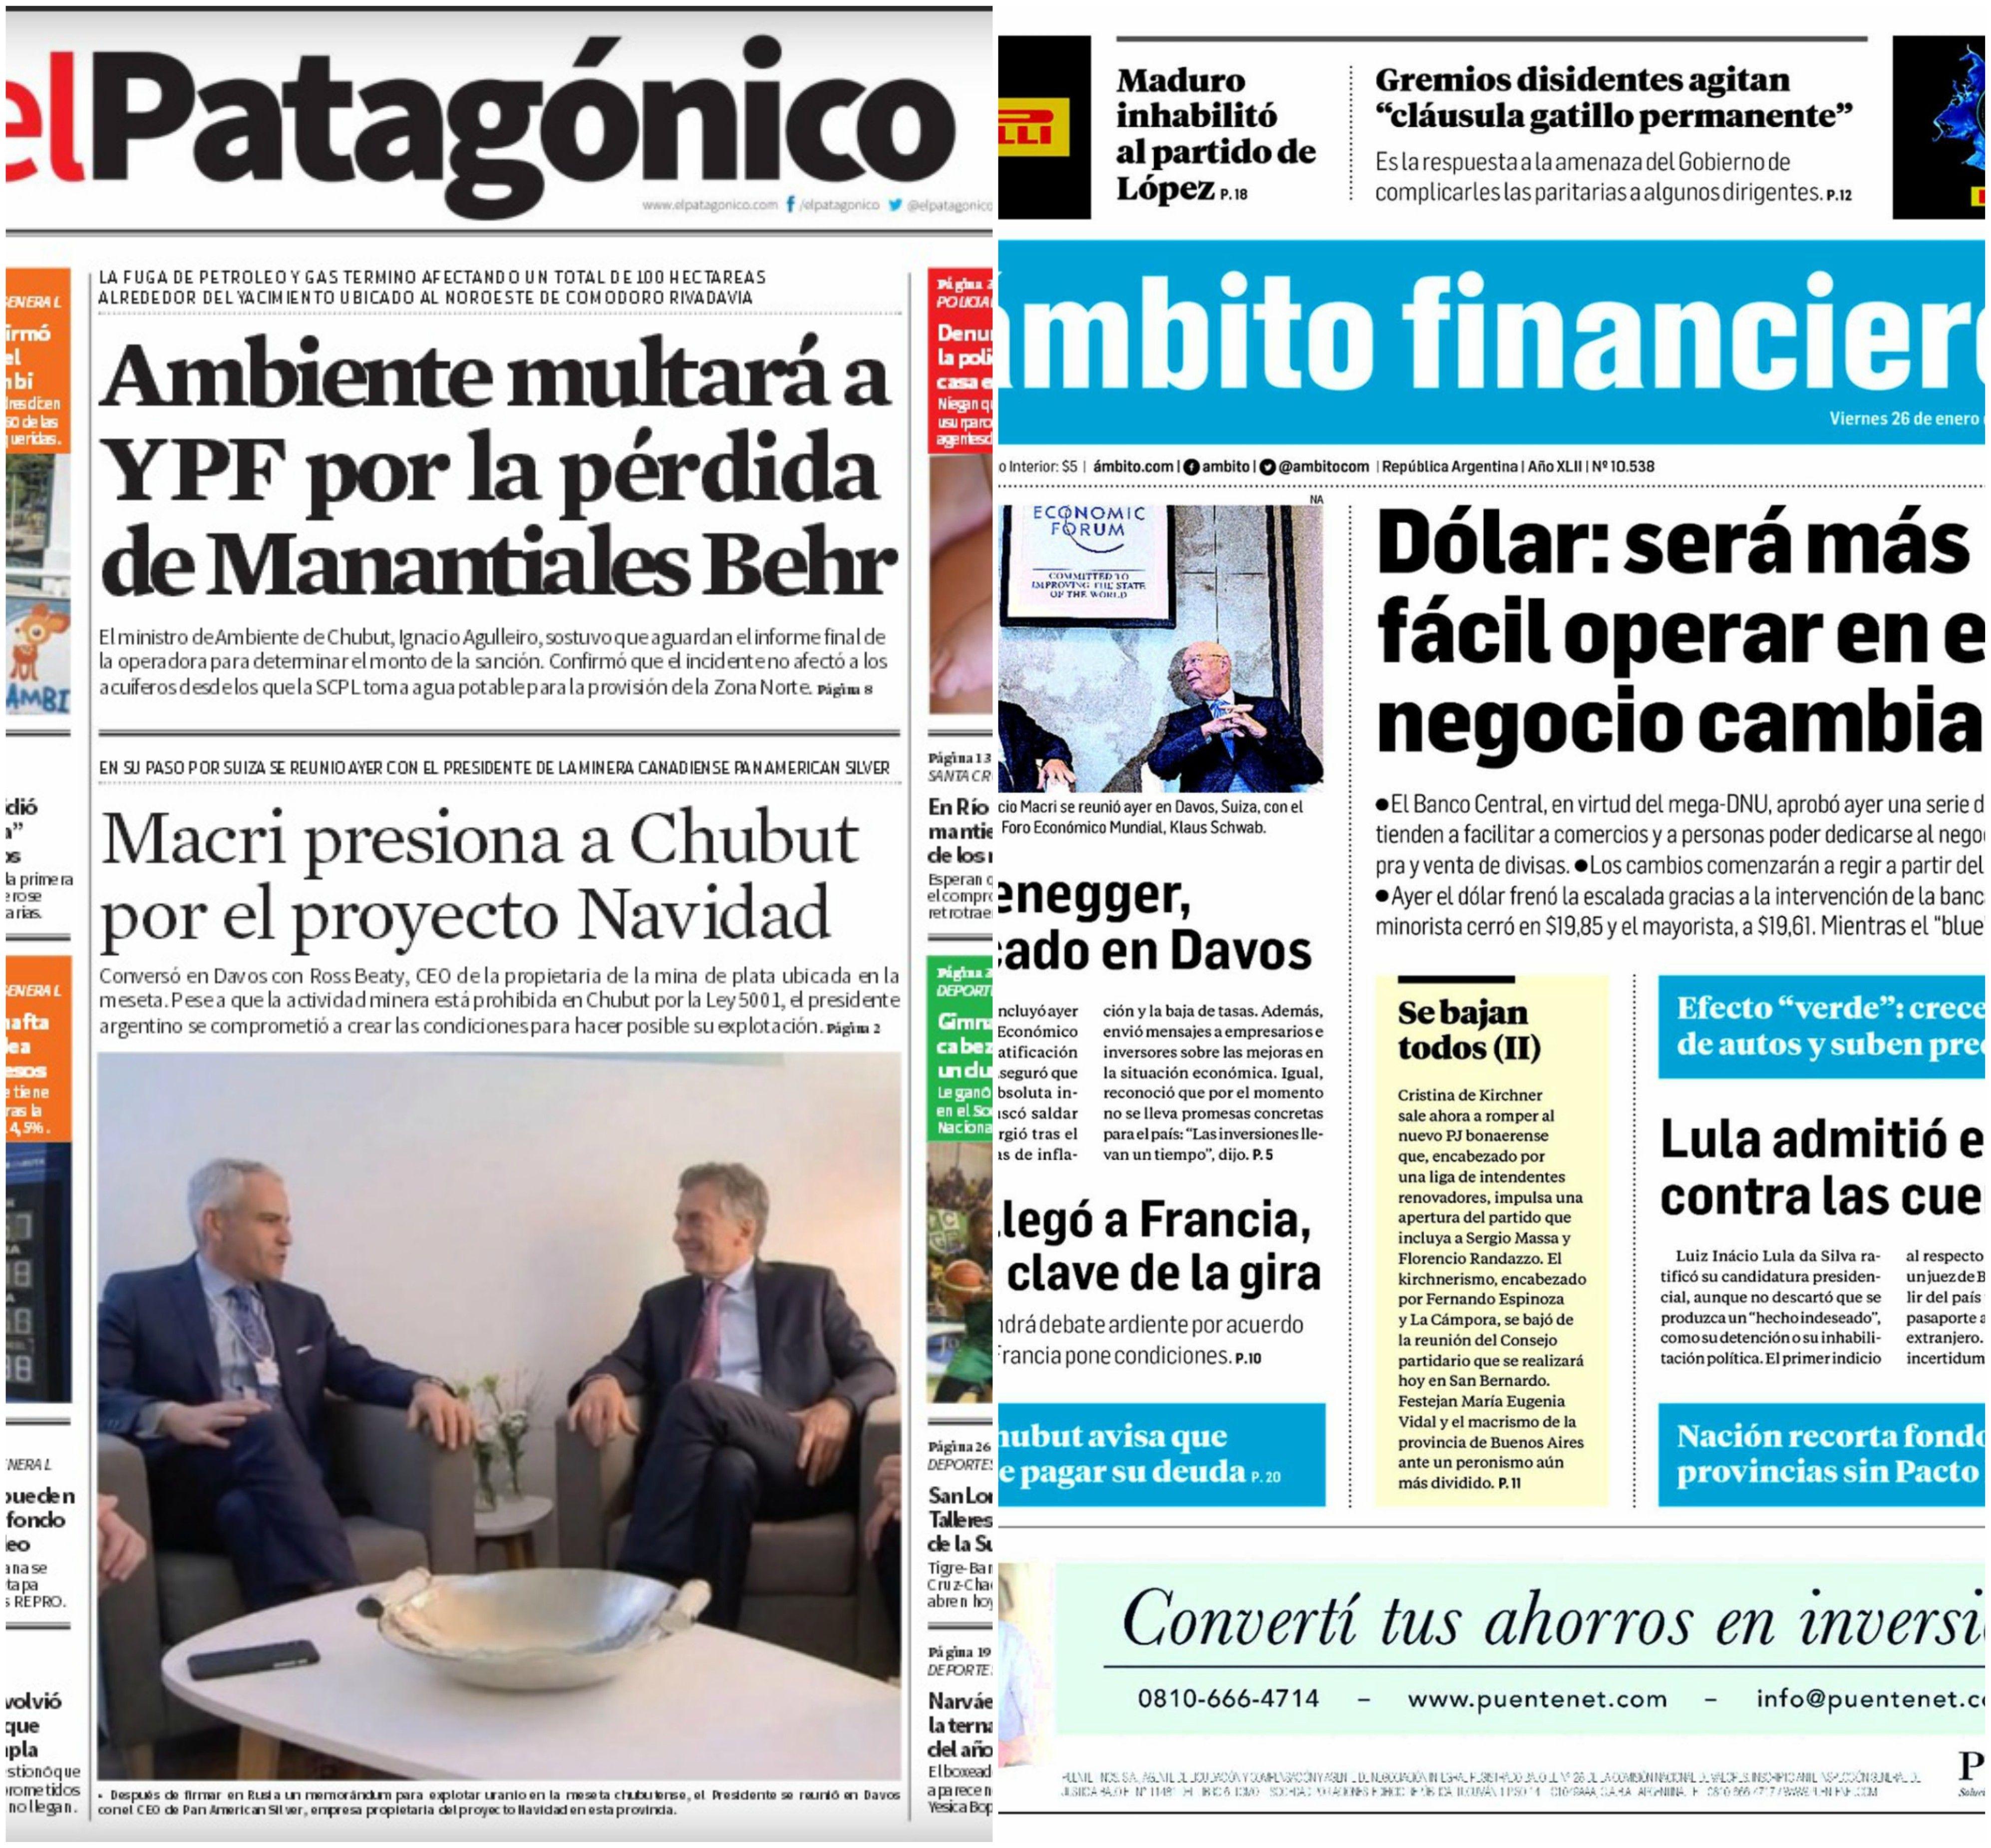 Tapas de diarios del viernes 26 de enero de 2018